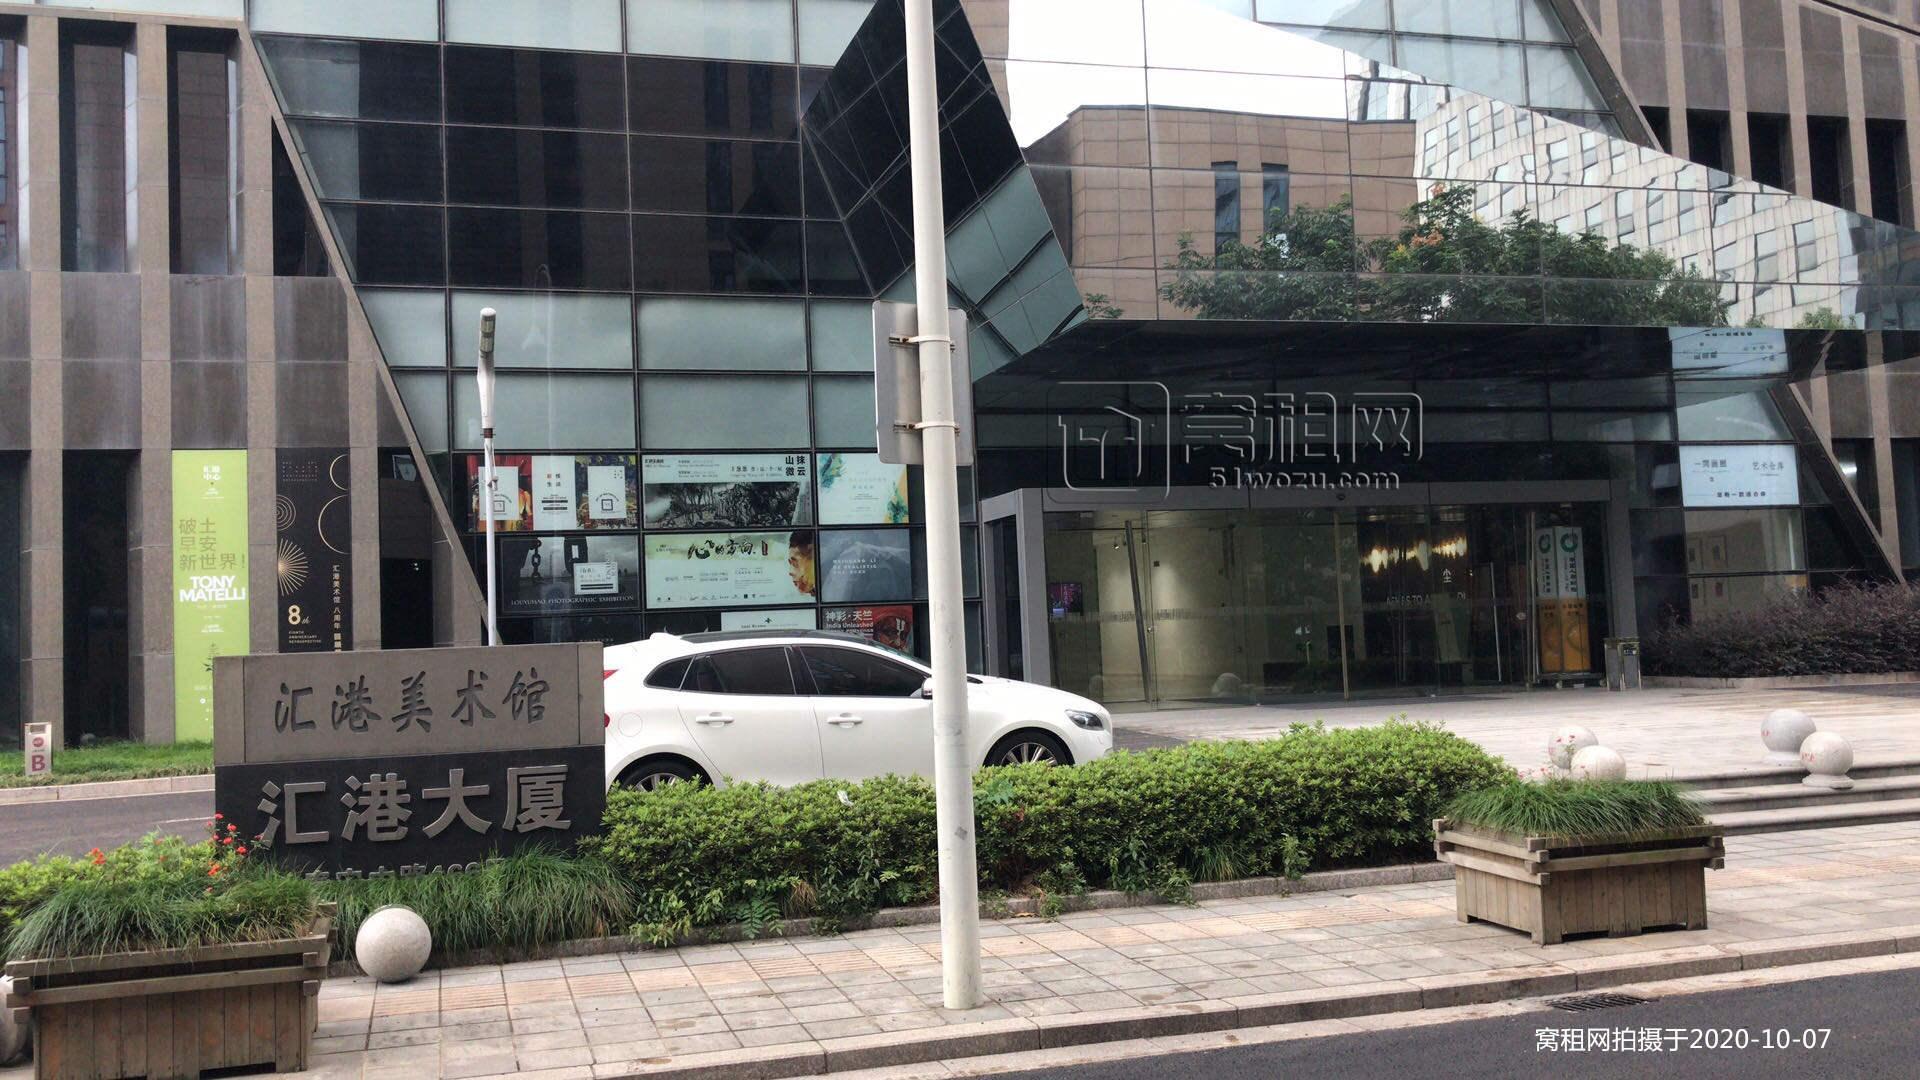 宁波汇港大厦